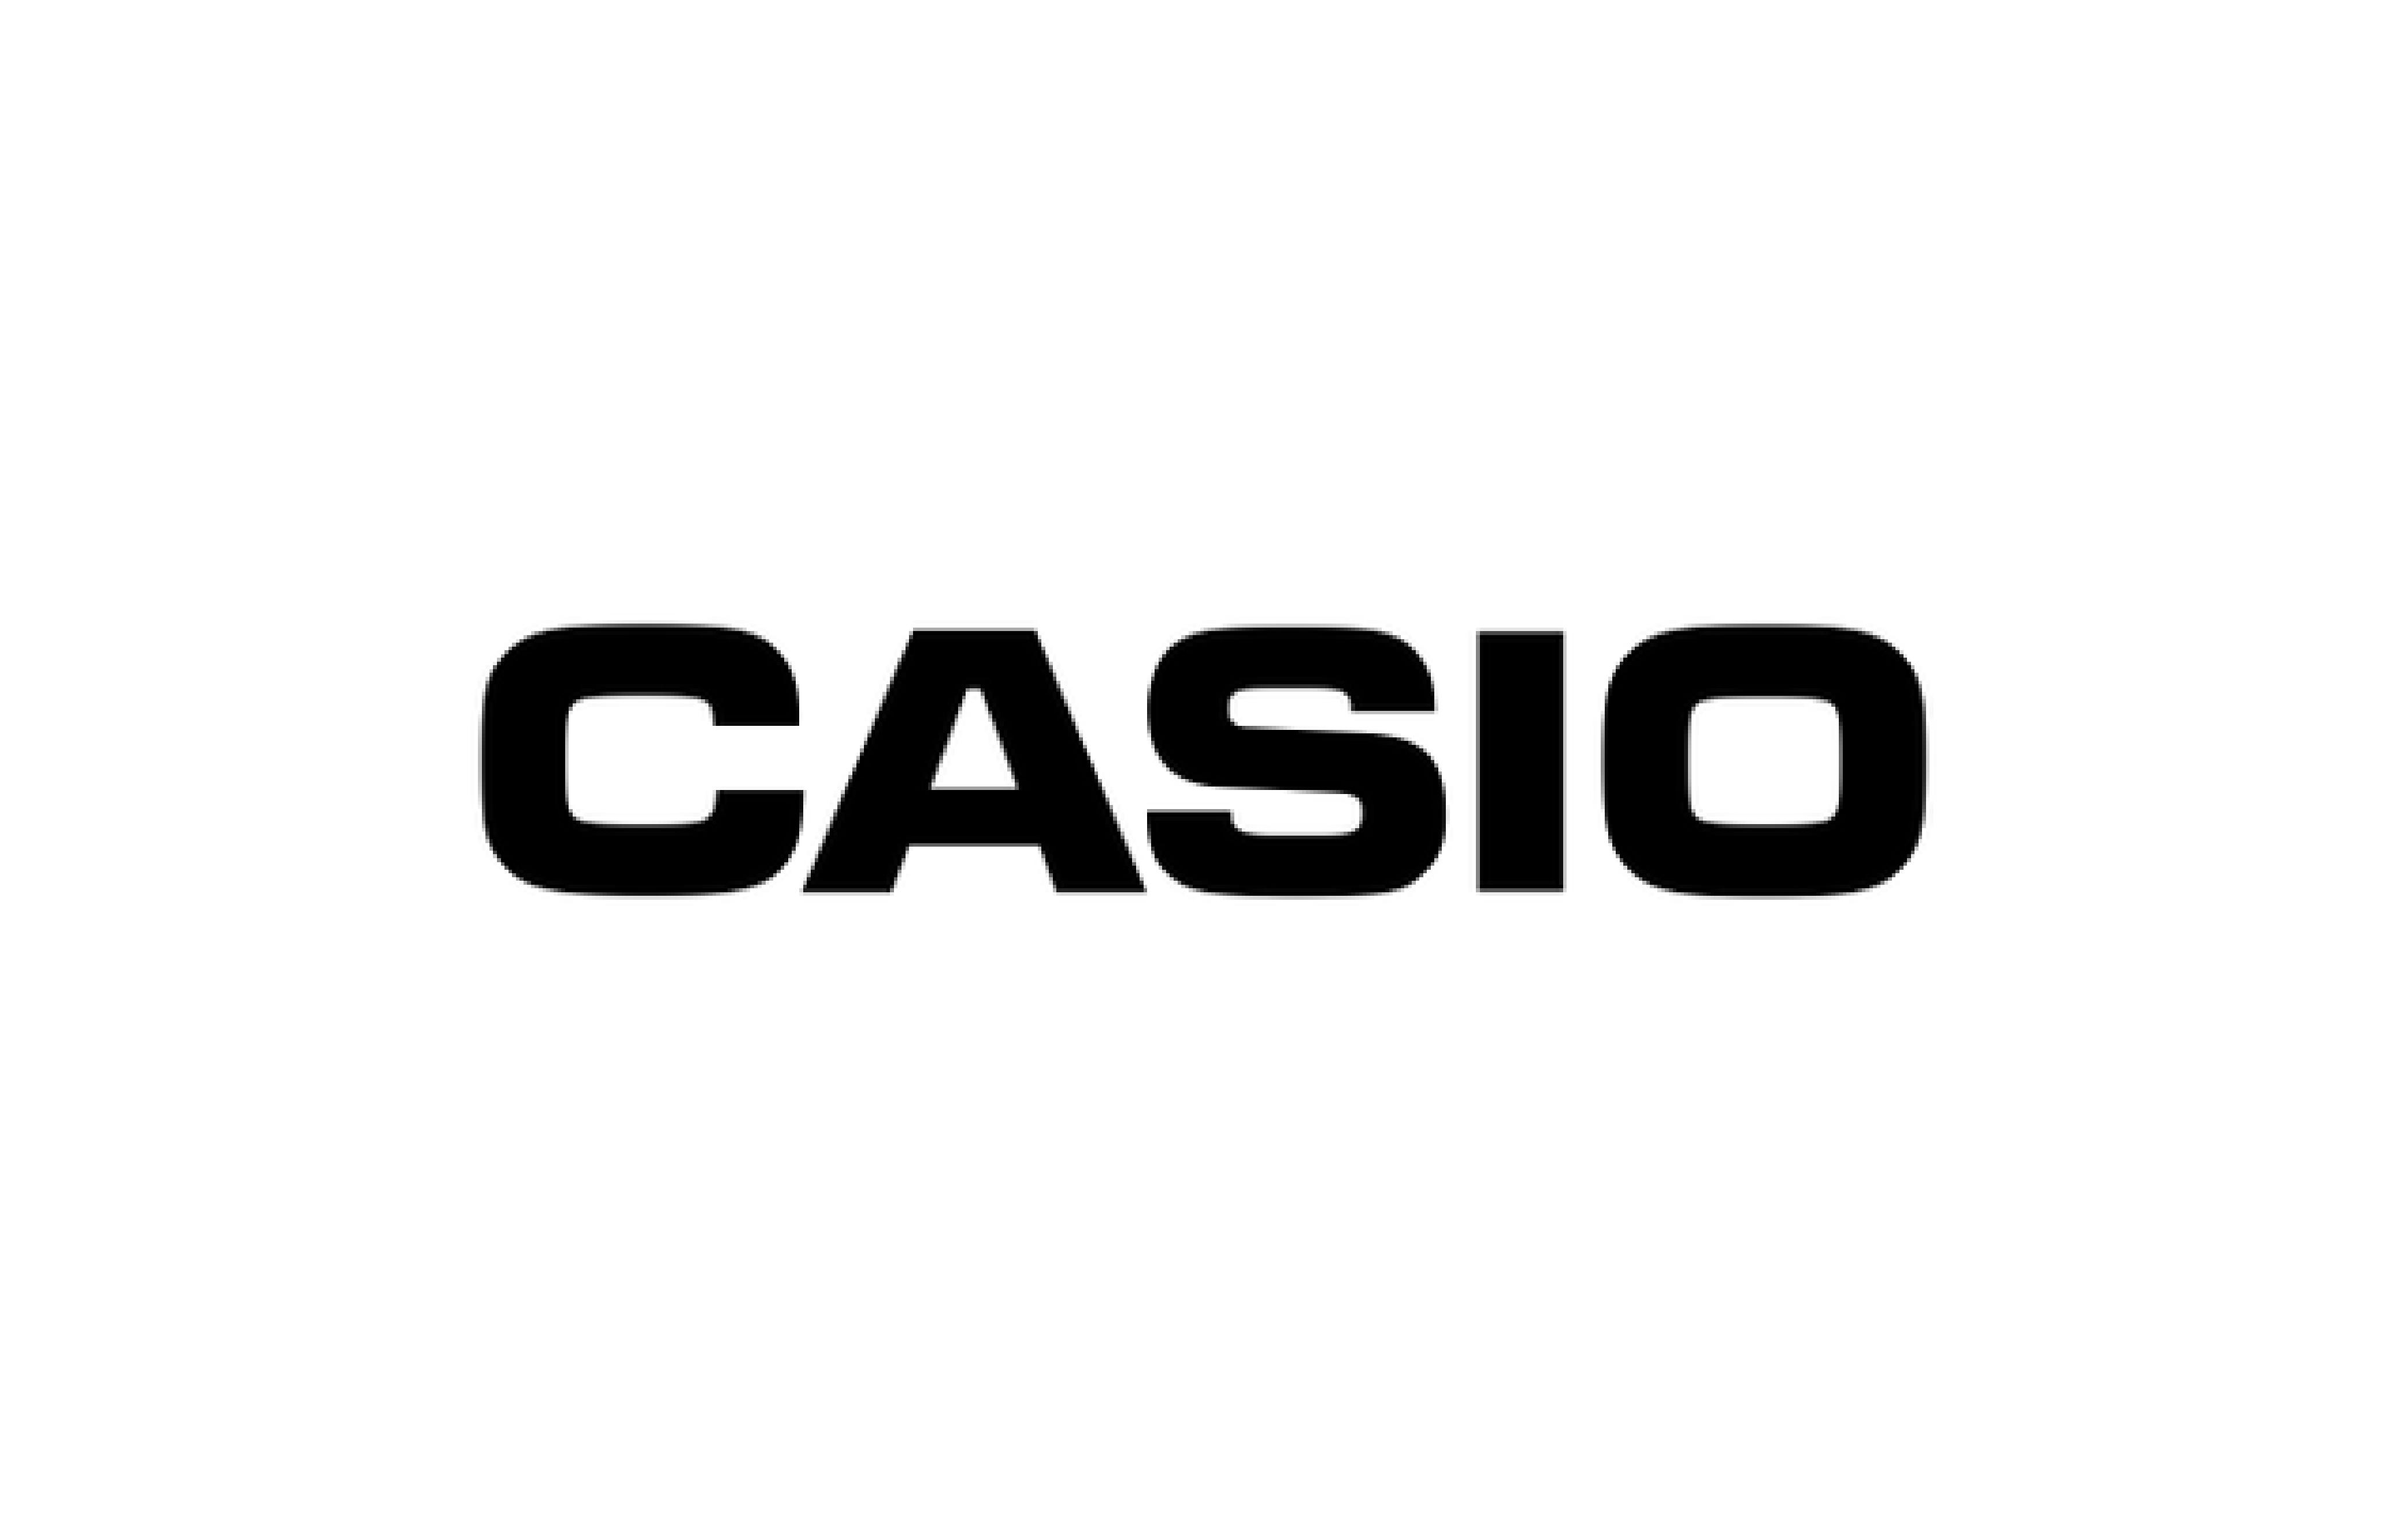 Casio - Marque partenaire SGCG